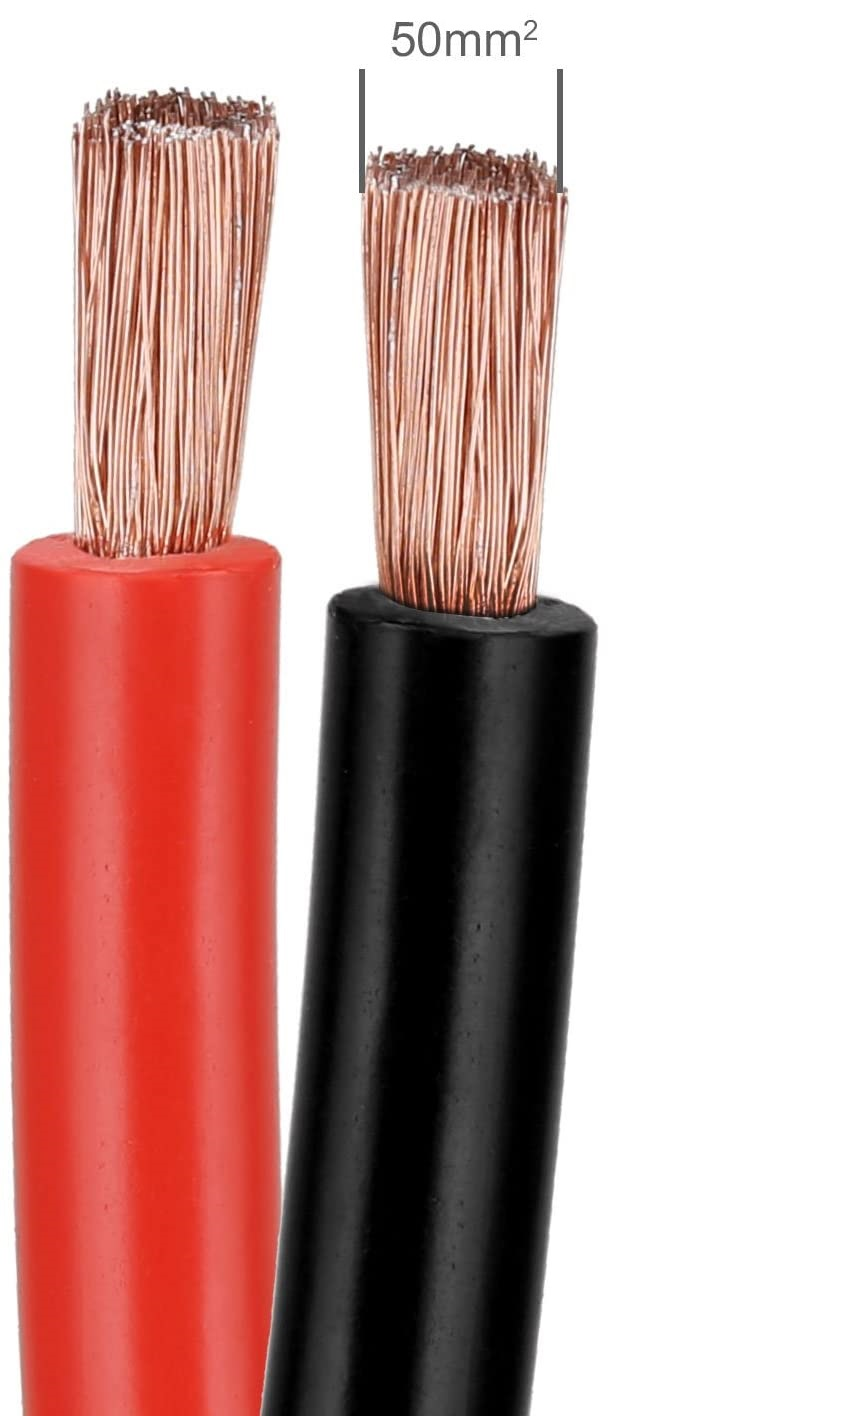 Câbles de démarrage Voilamart 6m 3000A avec grande section de 50mm²